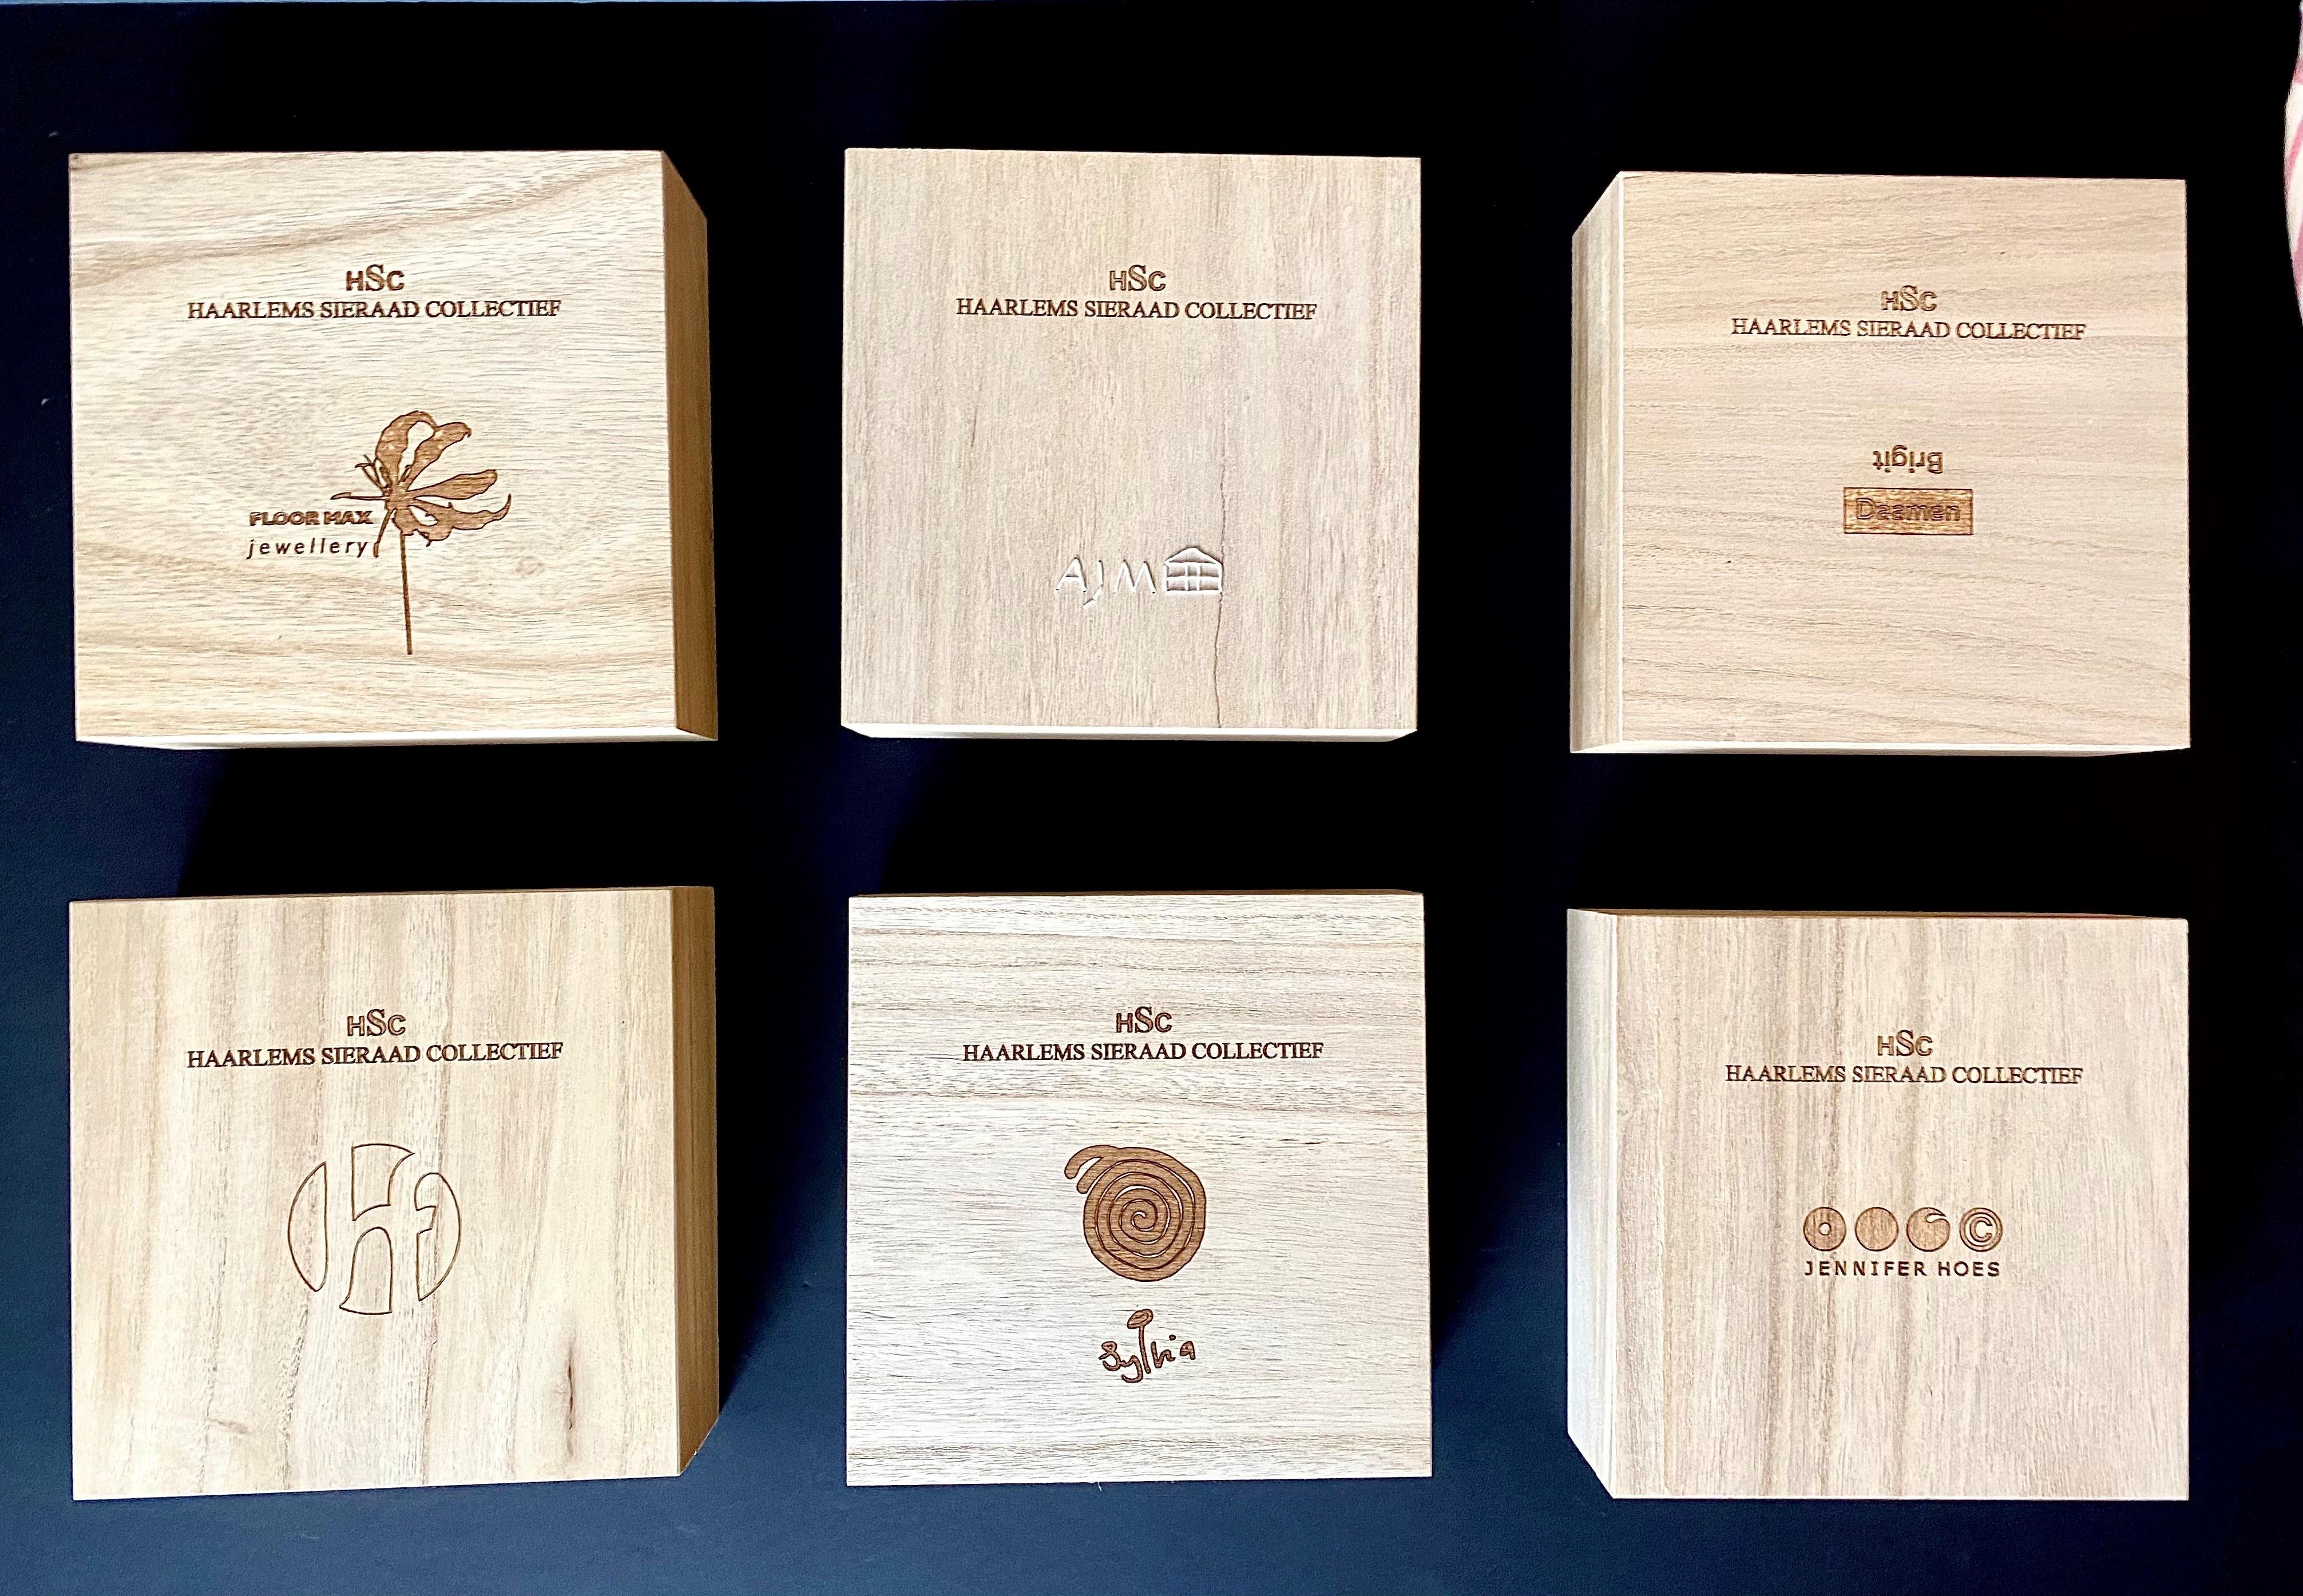 Haarlems Sieraad Collectief (HSC), 2018. De serie van zes houten doosjes. Collectie Margriet Blom & Michel Krechting. Foto Michel Krechting